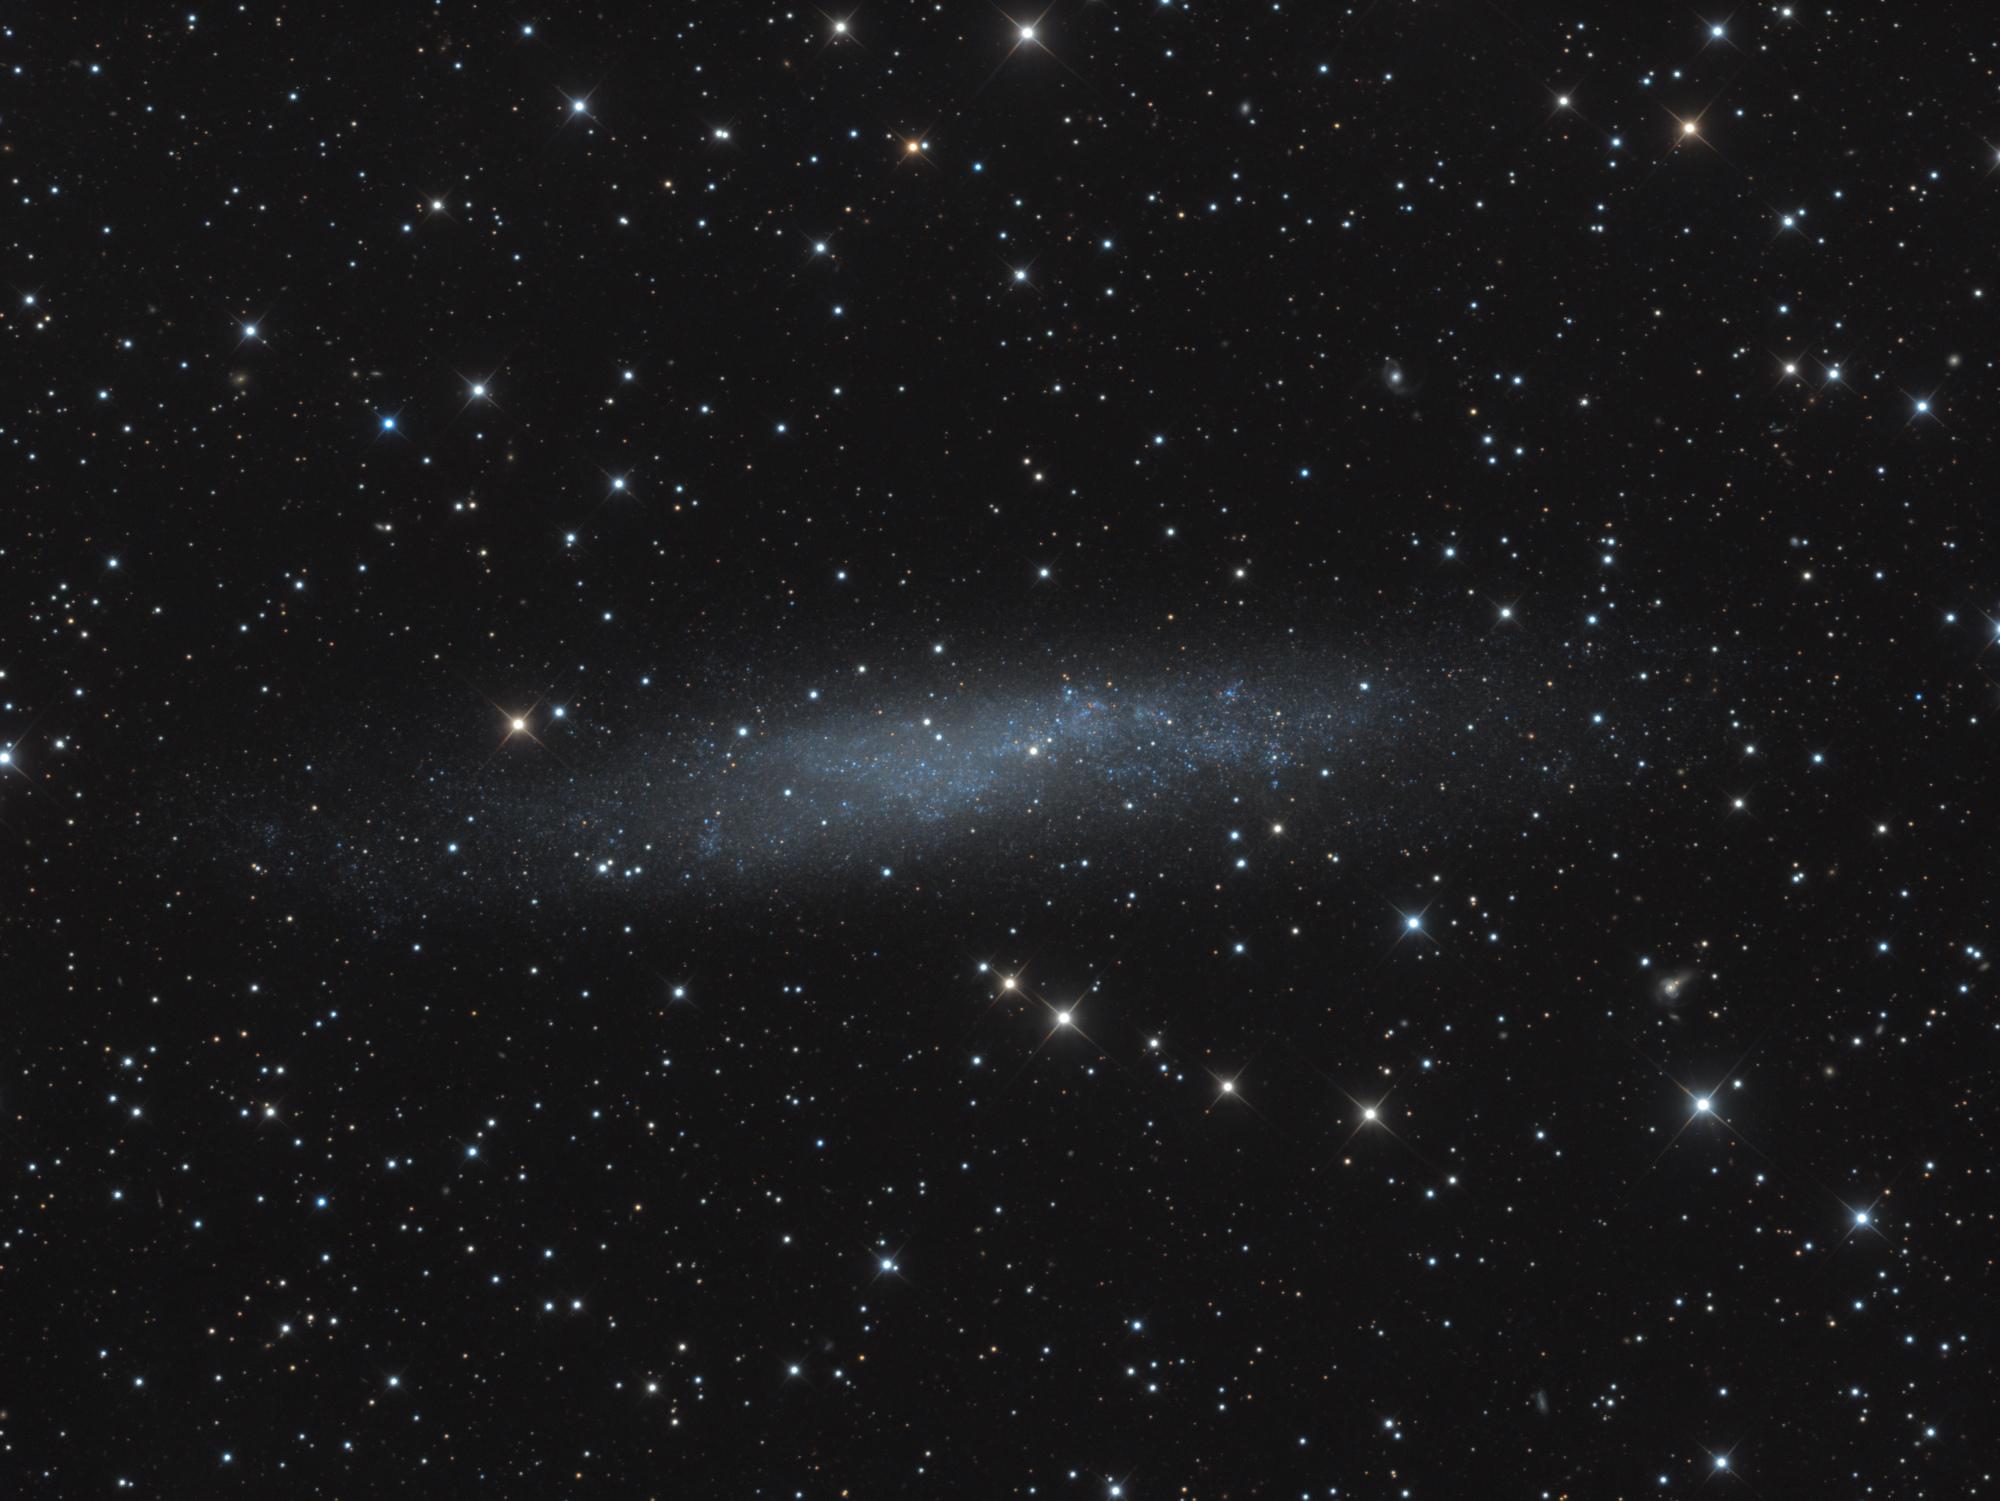 NGC3109-LRVB-V1-Publi.thumb.jpg.320b668c13940fde664792f56b992255.jpg